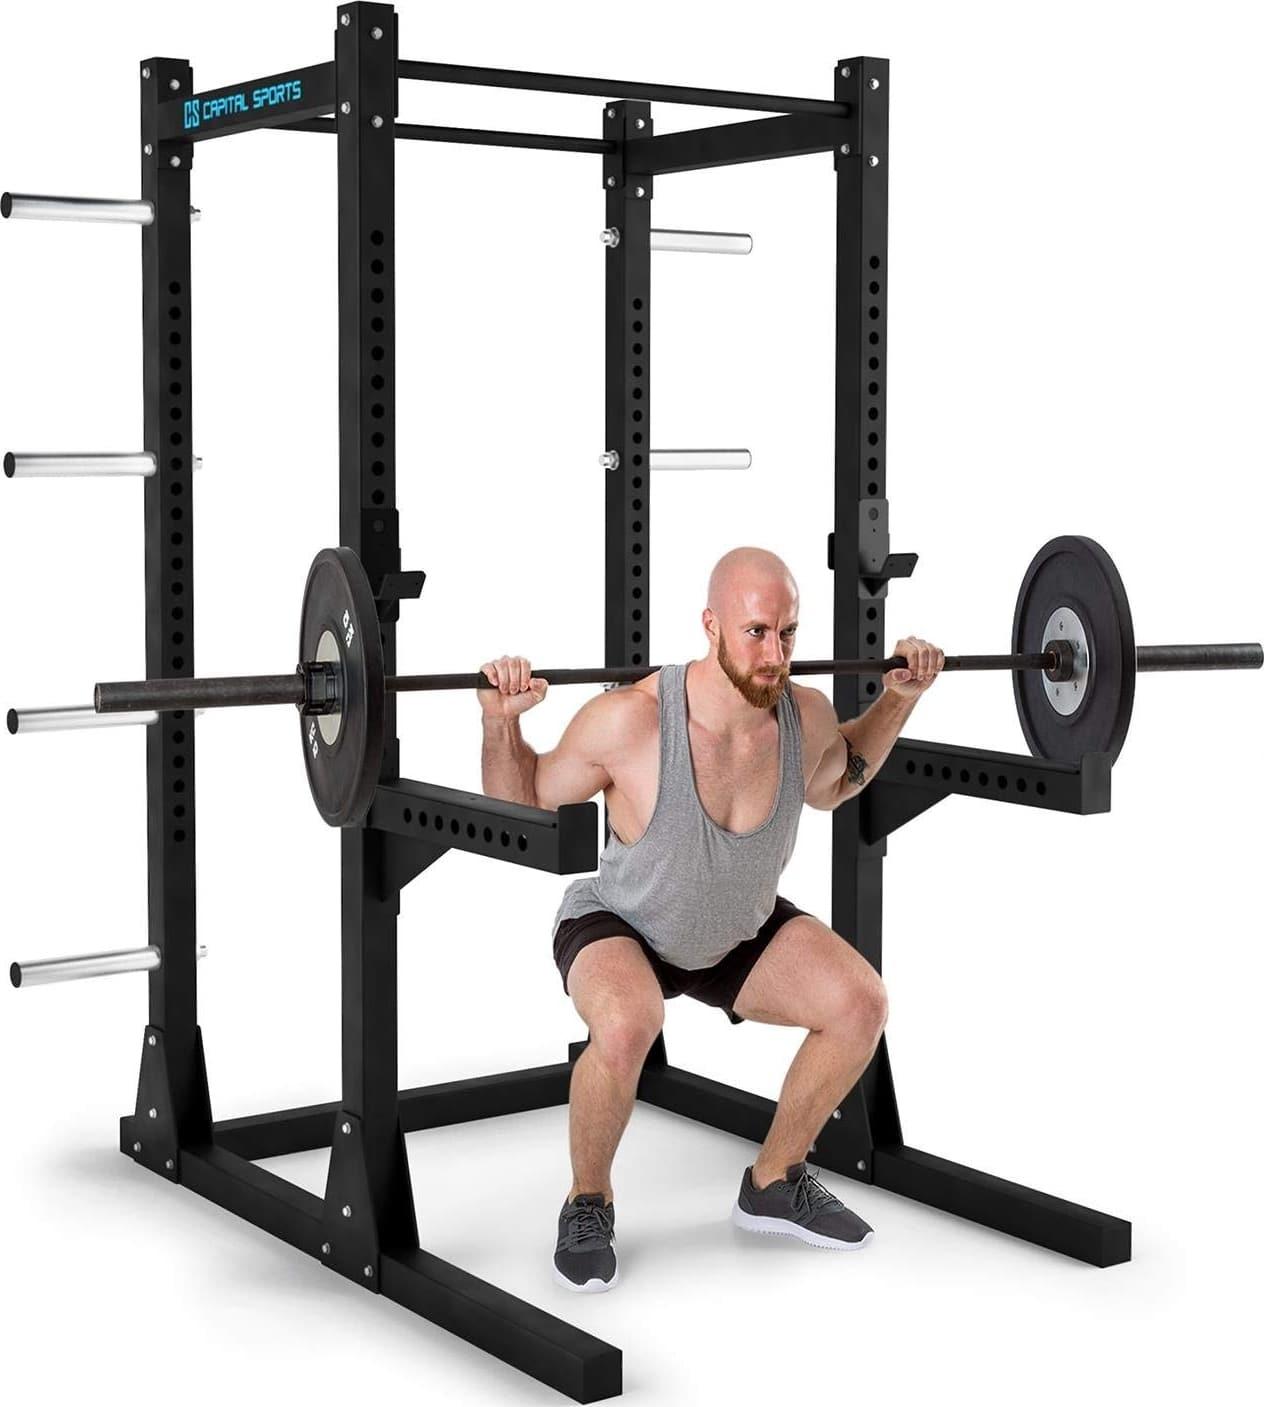 ZYTT Cage Crossfit Exterieur Chaises Romaine Traction Banc Poids Gorilla Sports Rack Poids Support Barre Musculation Banc De Musculation Fitness Pliable Complet avec Poids Gorilla Sport